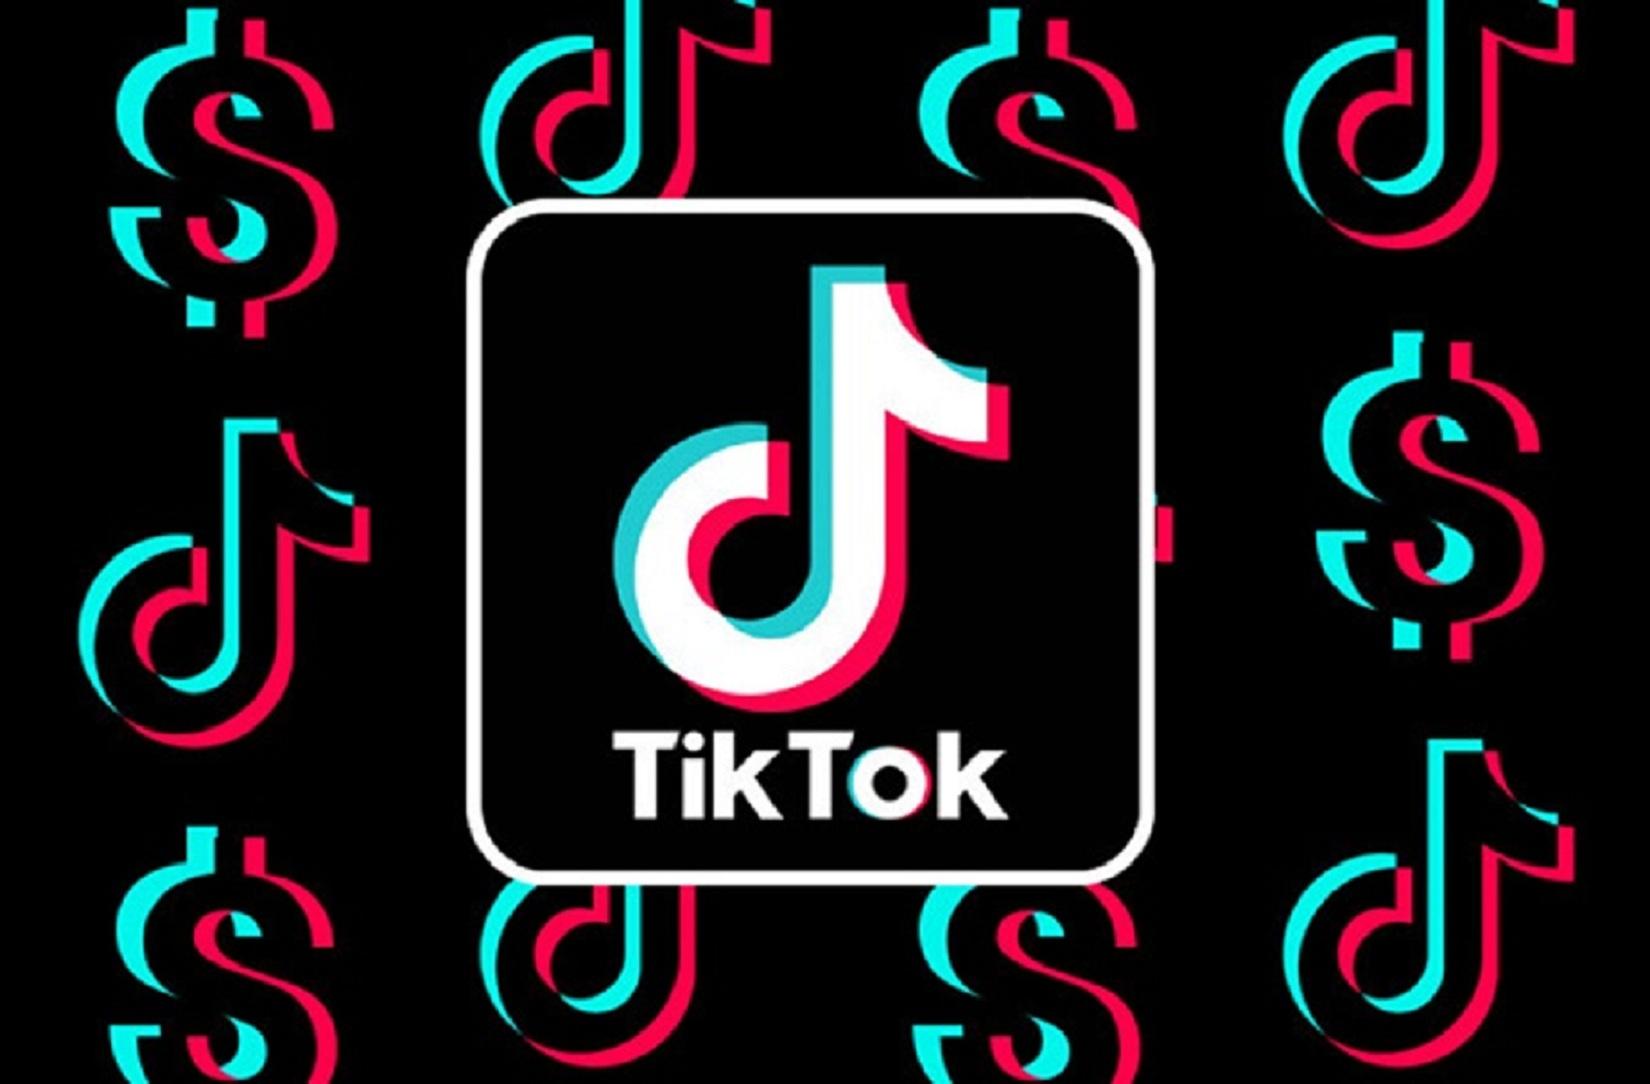 TikTok стал лидером вApp Store вРоссии за 2020